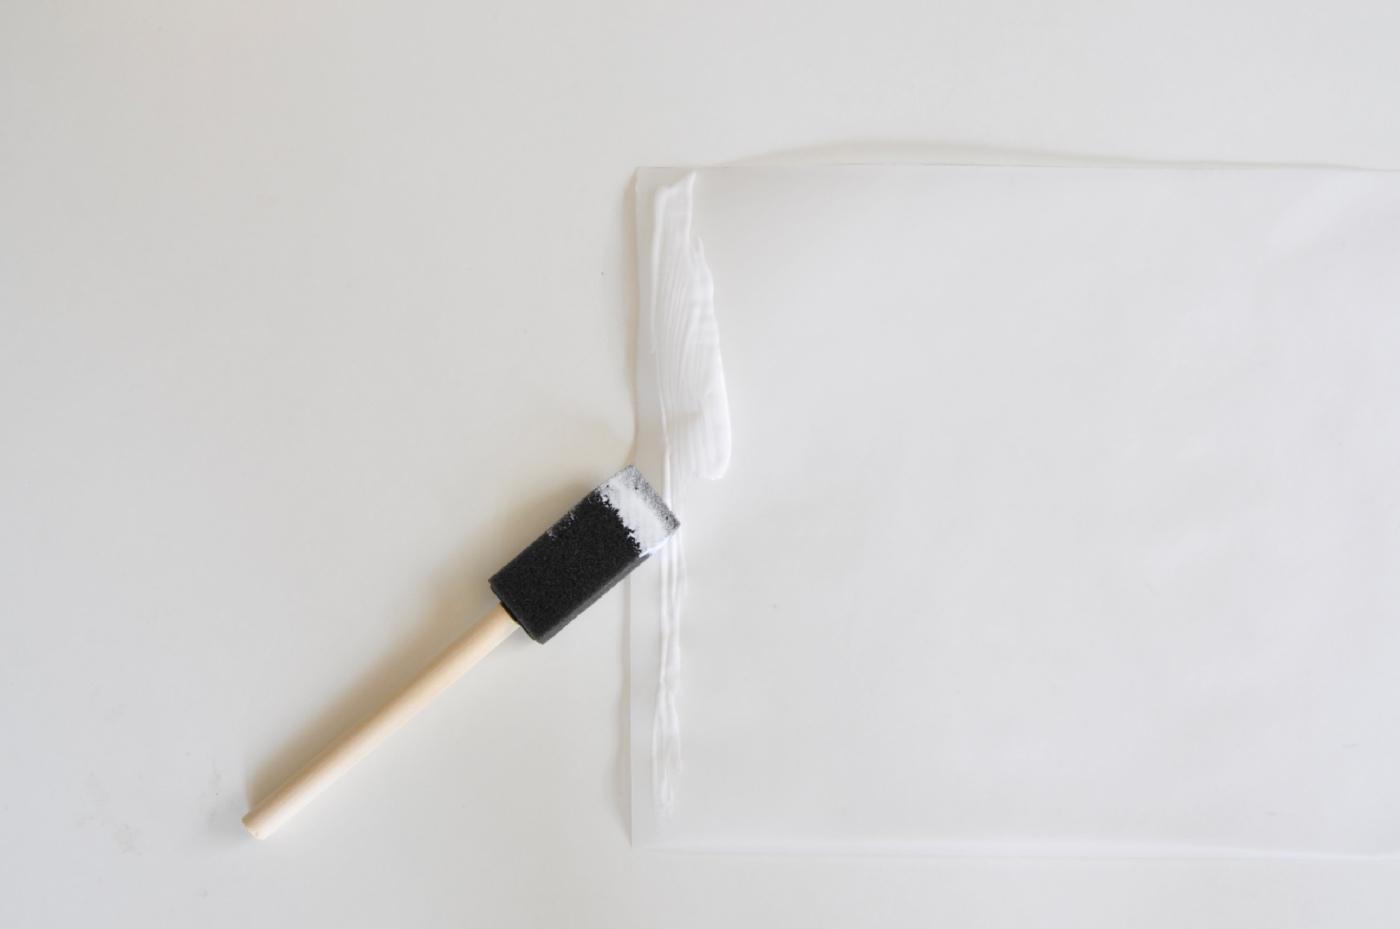 add a bit of glue to the vellum to make a paper lamp pop shop america